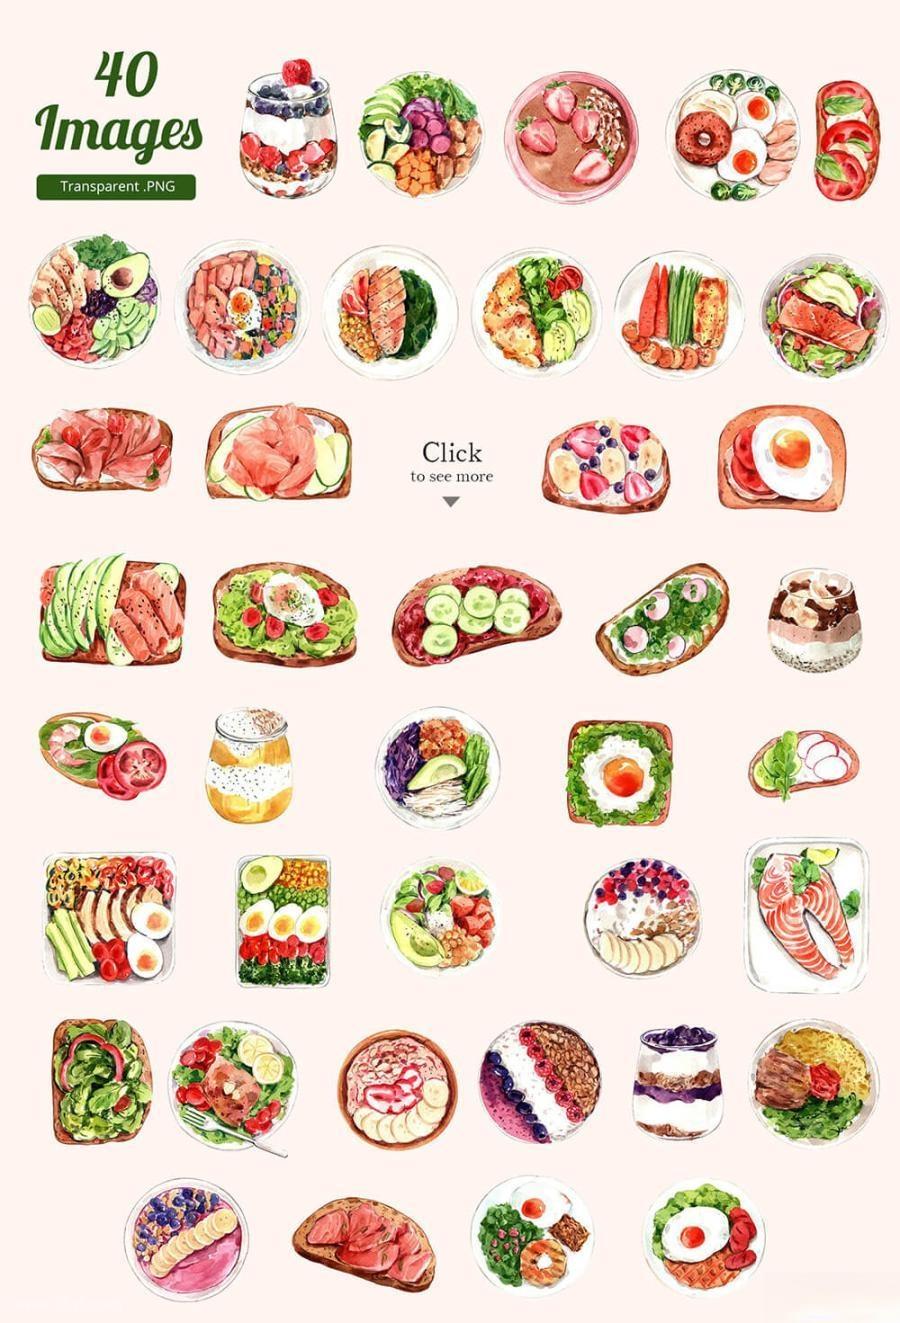 缤纷多彩的水彩手绘新鲜食物主题PNG/JPG/PSD插画素材插图(8)